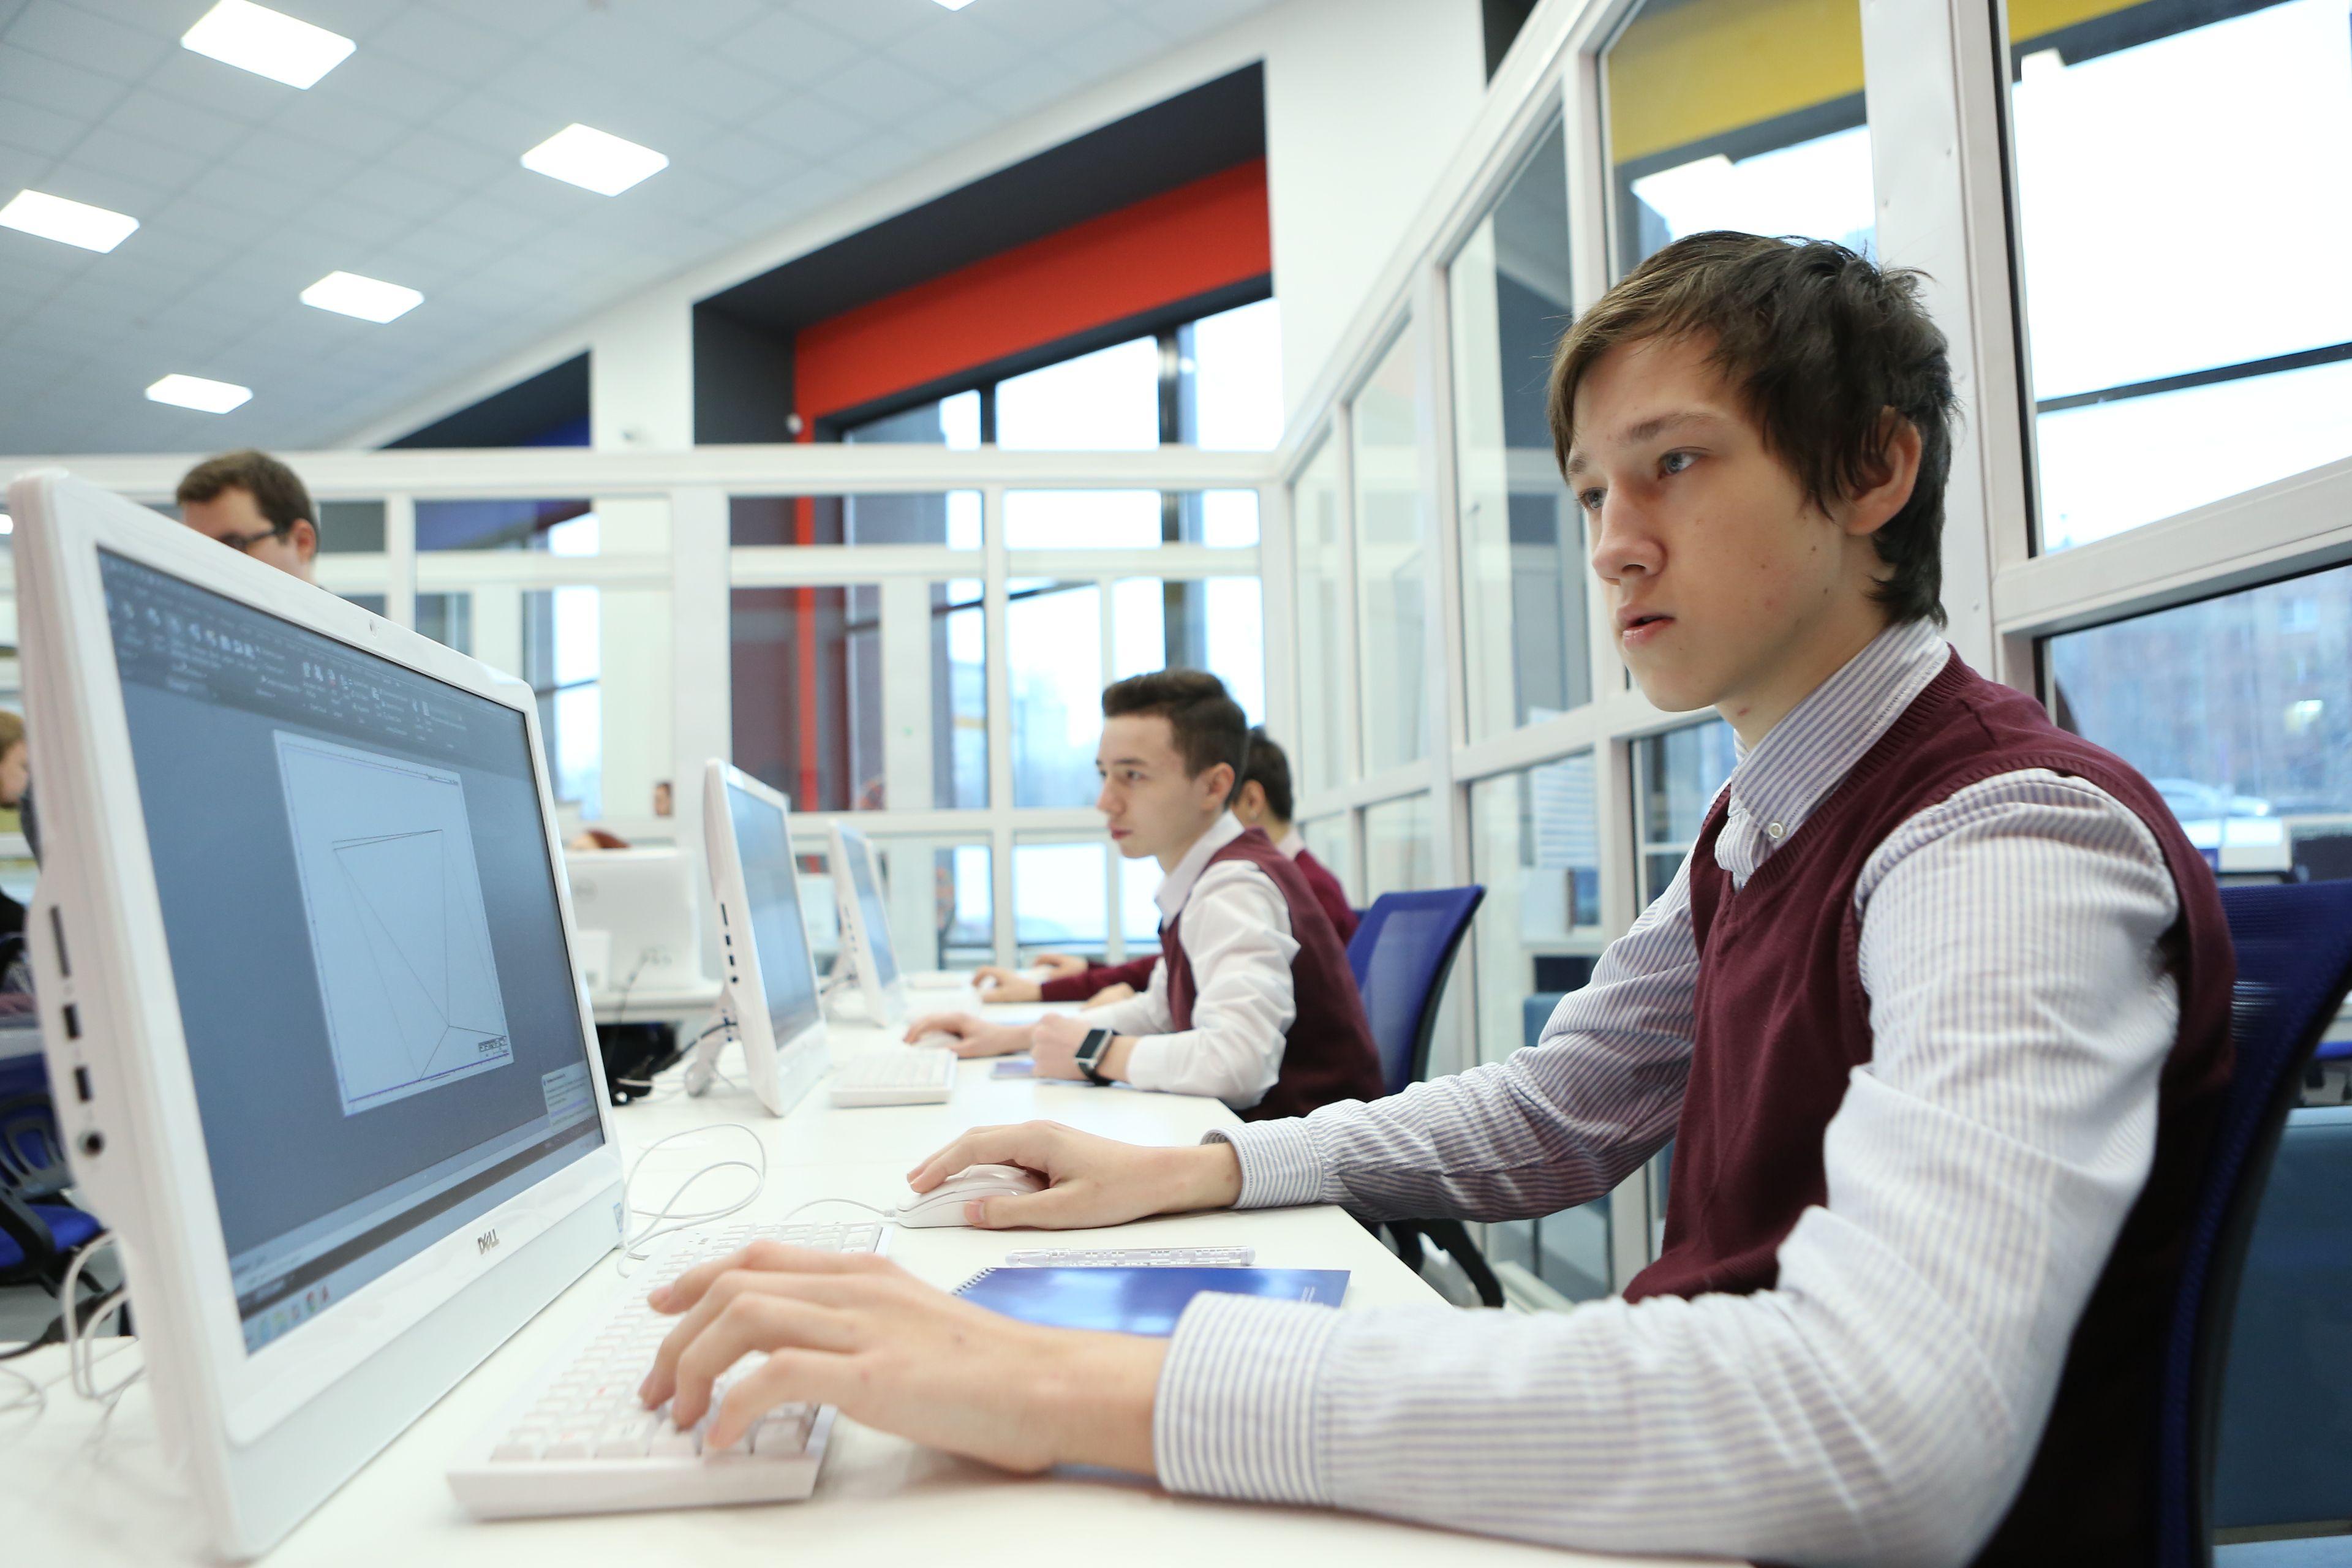 Помимо прочего, здесь разместят технологический кабинет. Фото: Алексей Орлов, «Вечерняя Москва»